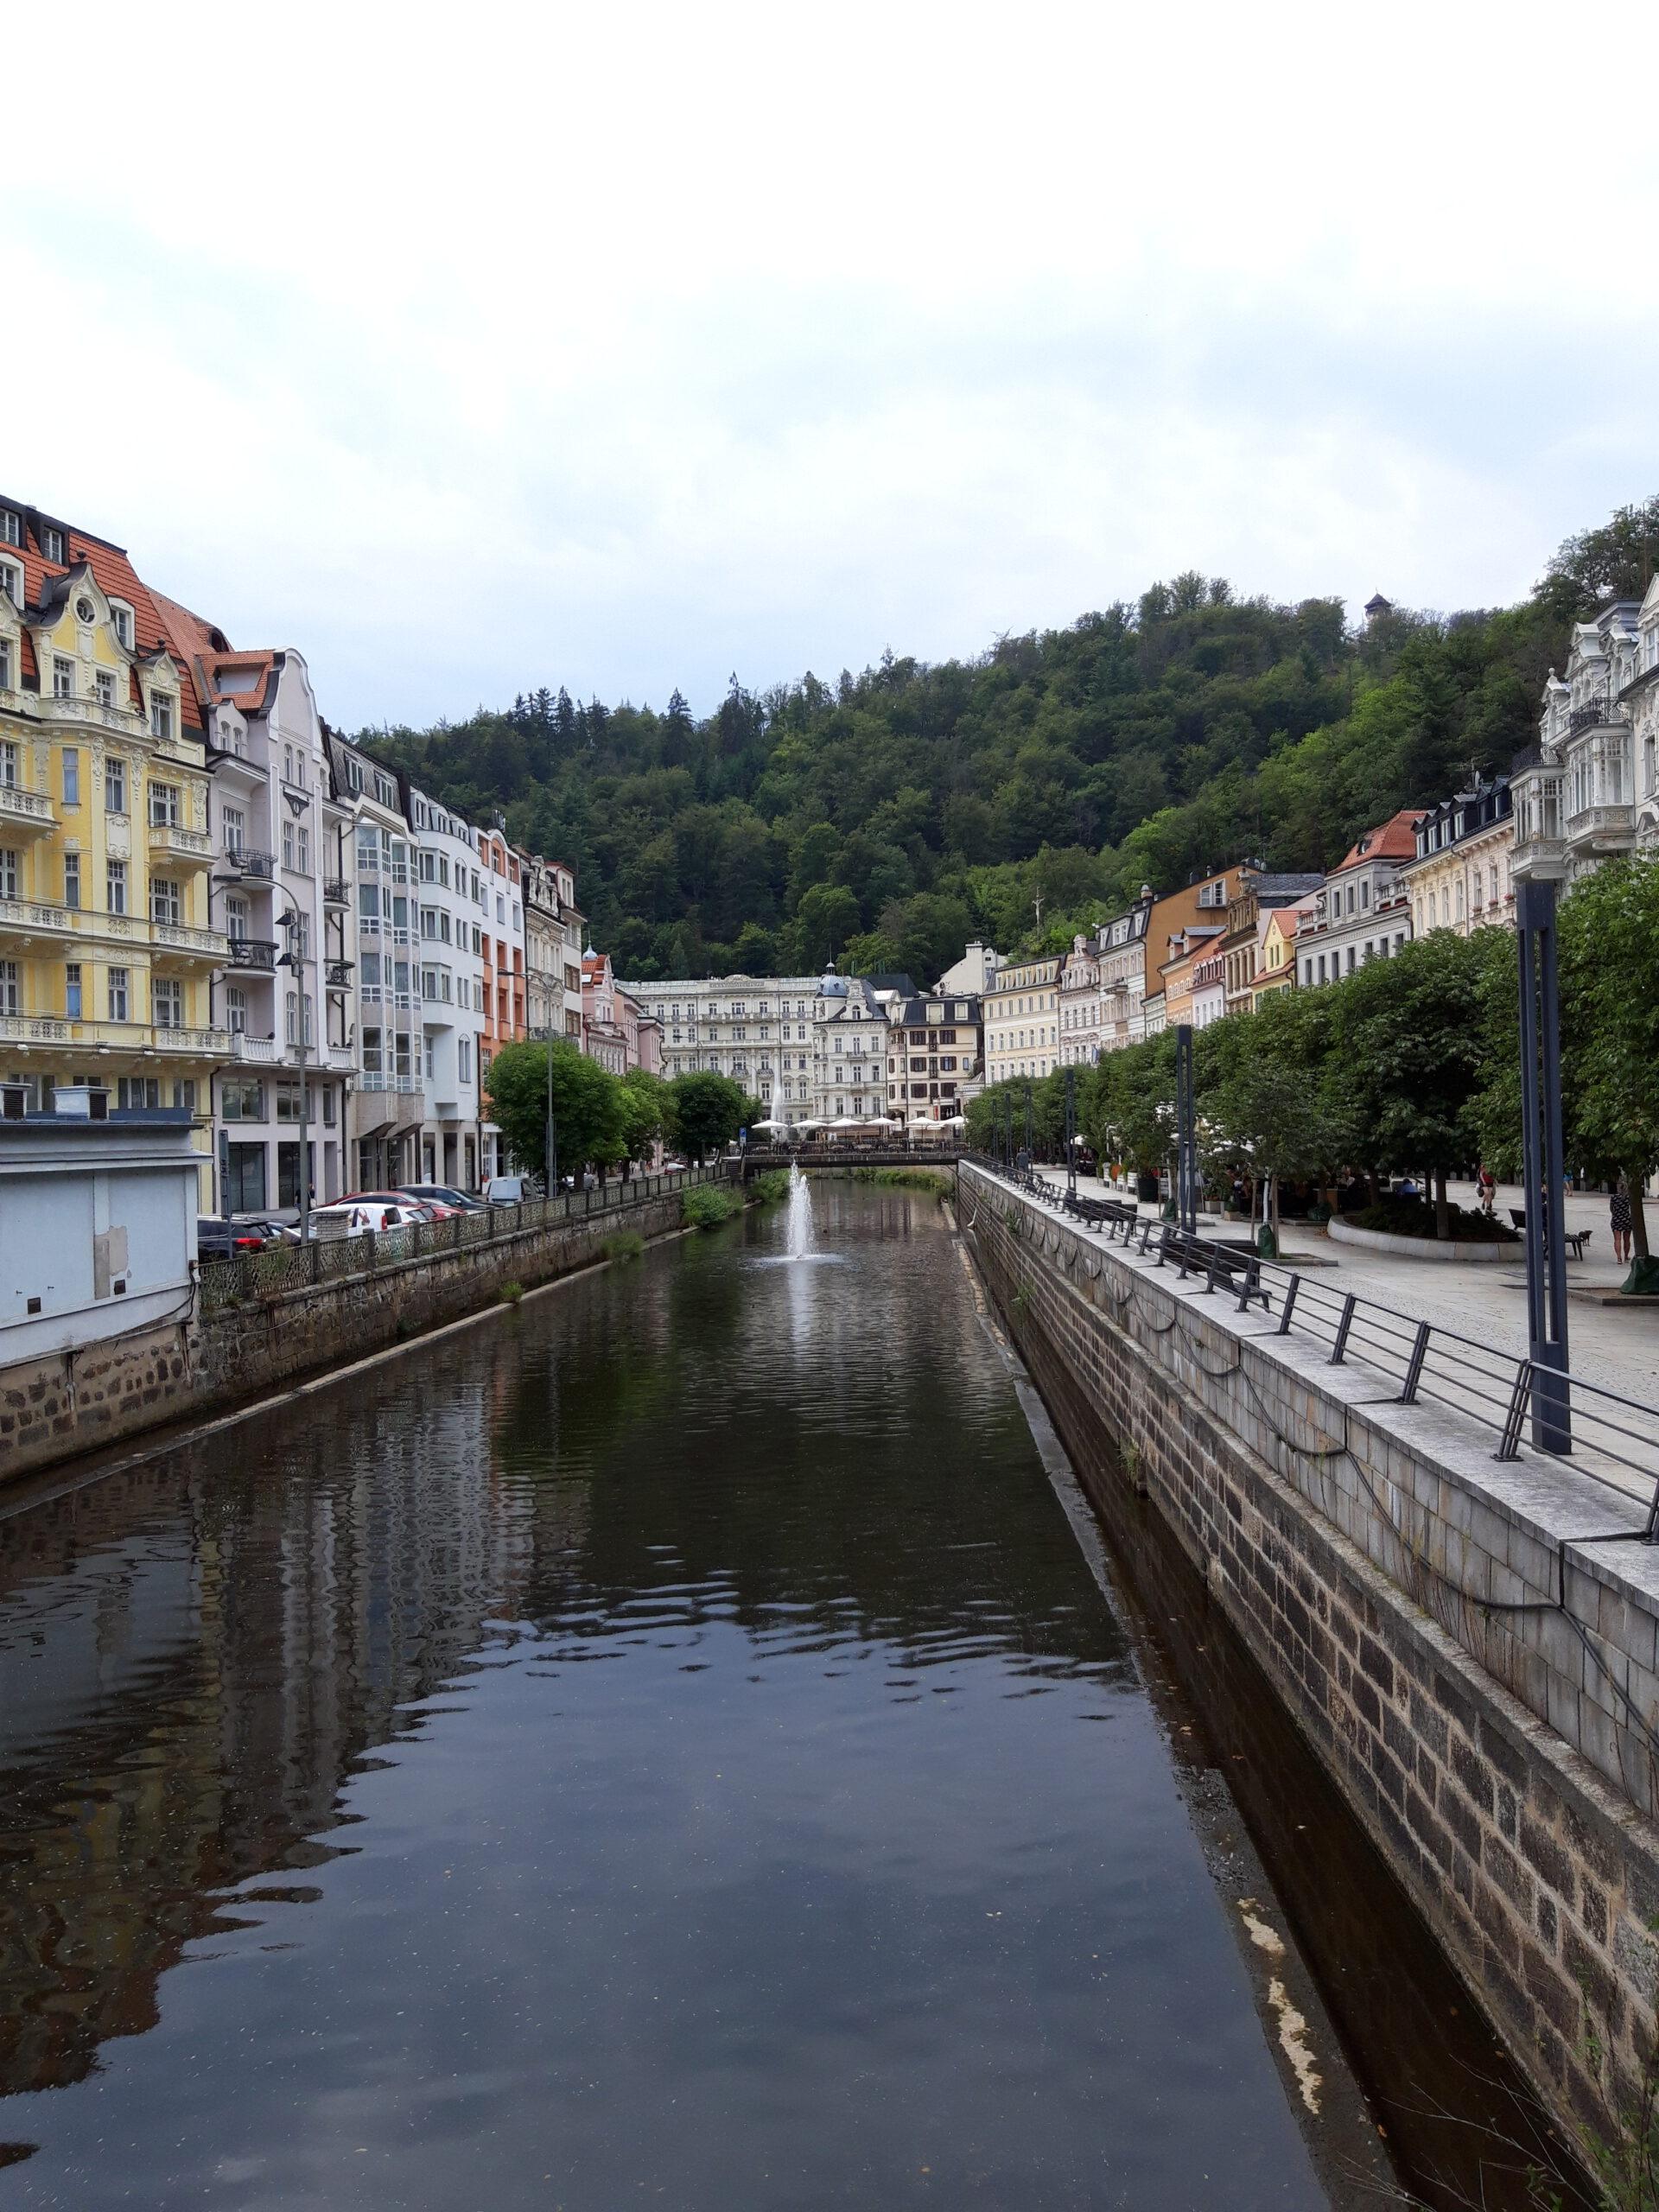 Heiße Quellen und Geysiere in Karlovy